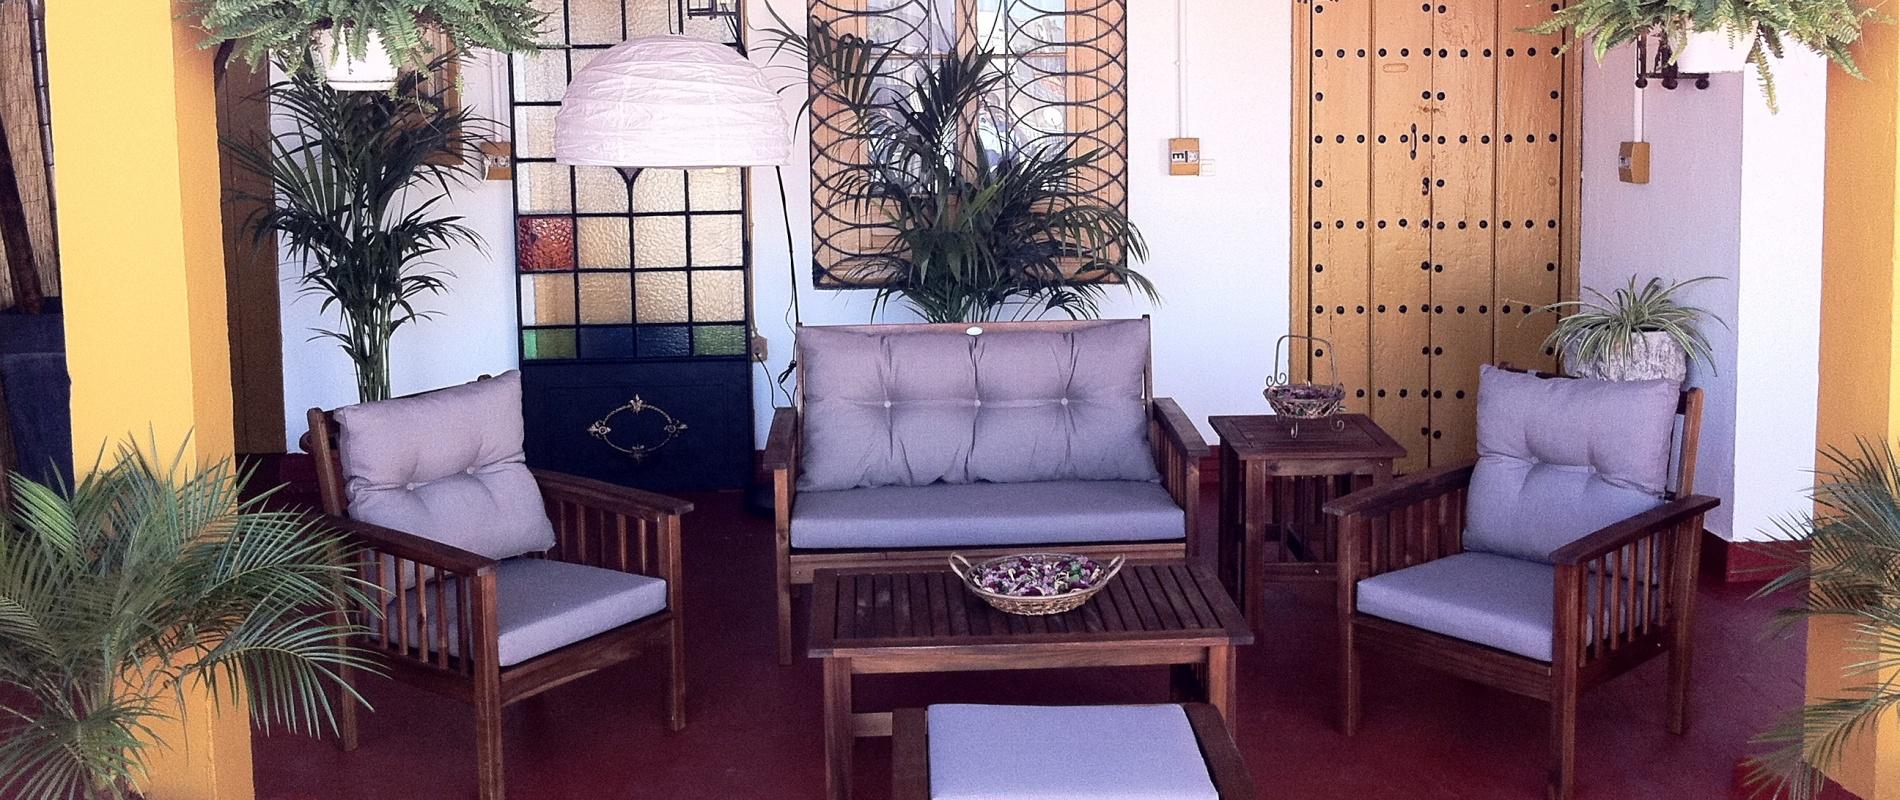 Terraza Solarium B&B Naranjo Sevilla